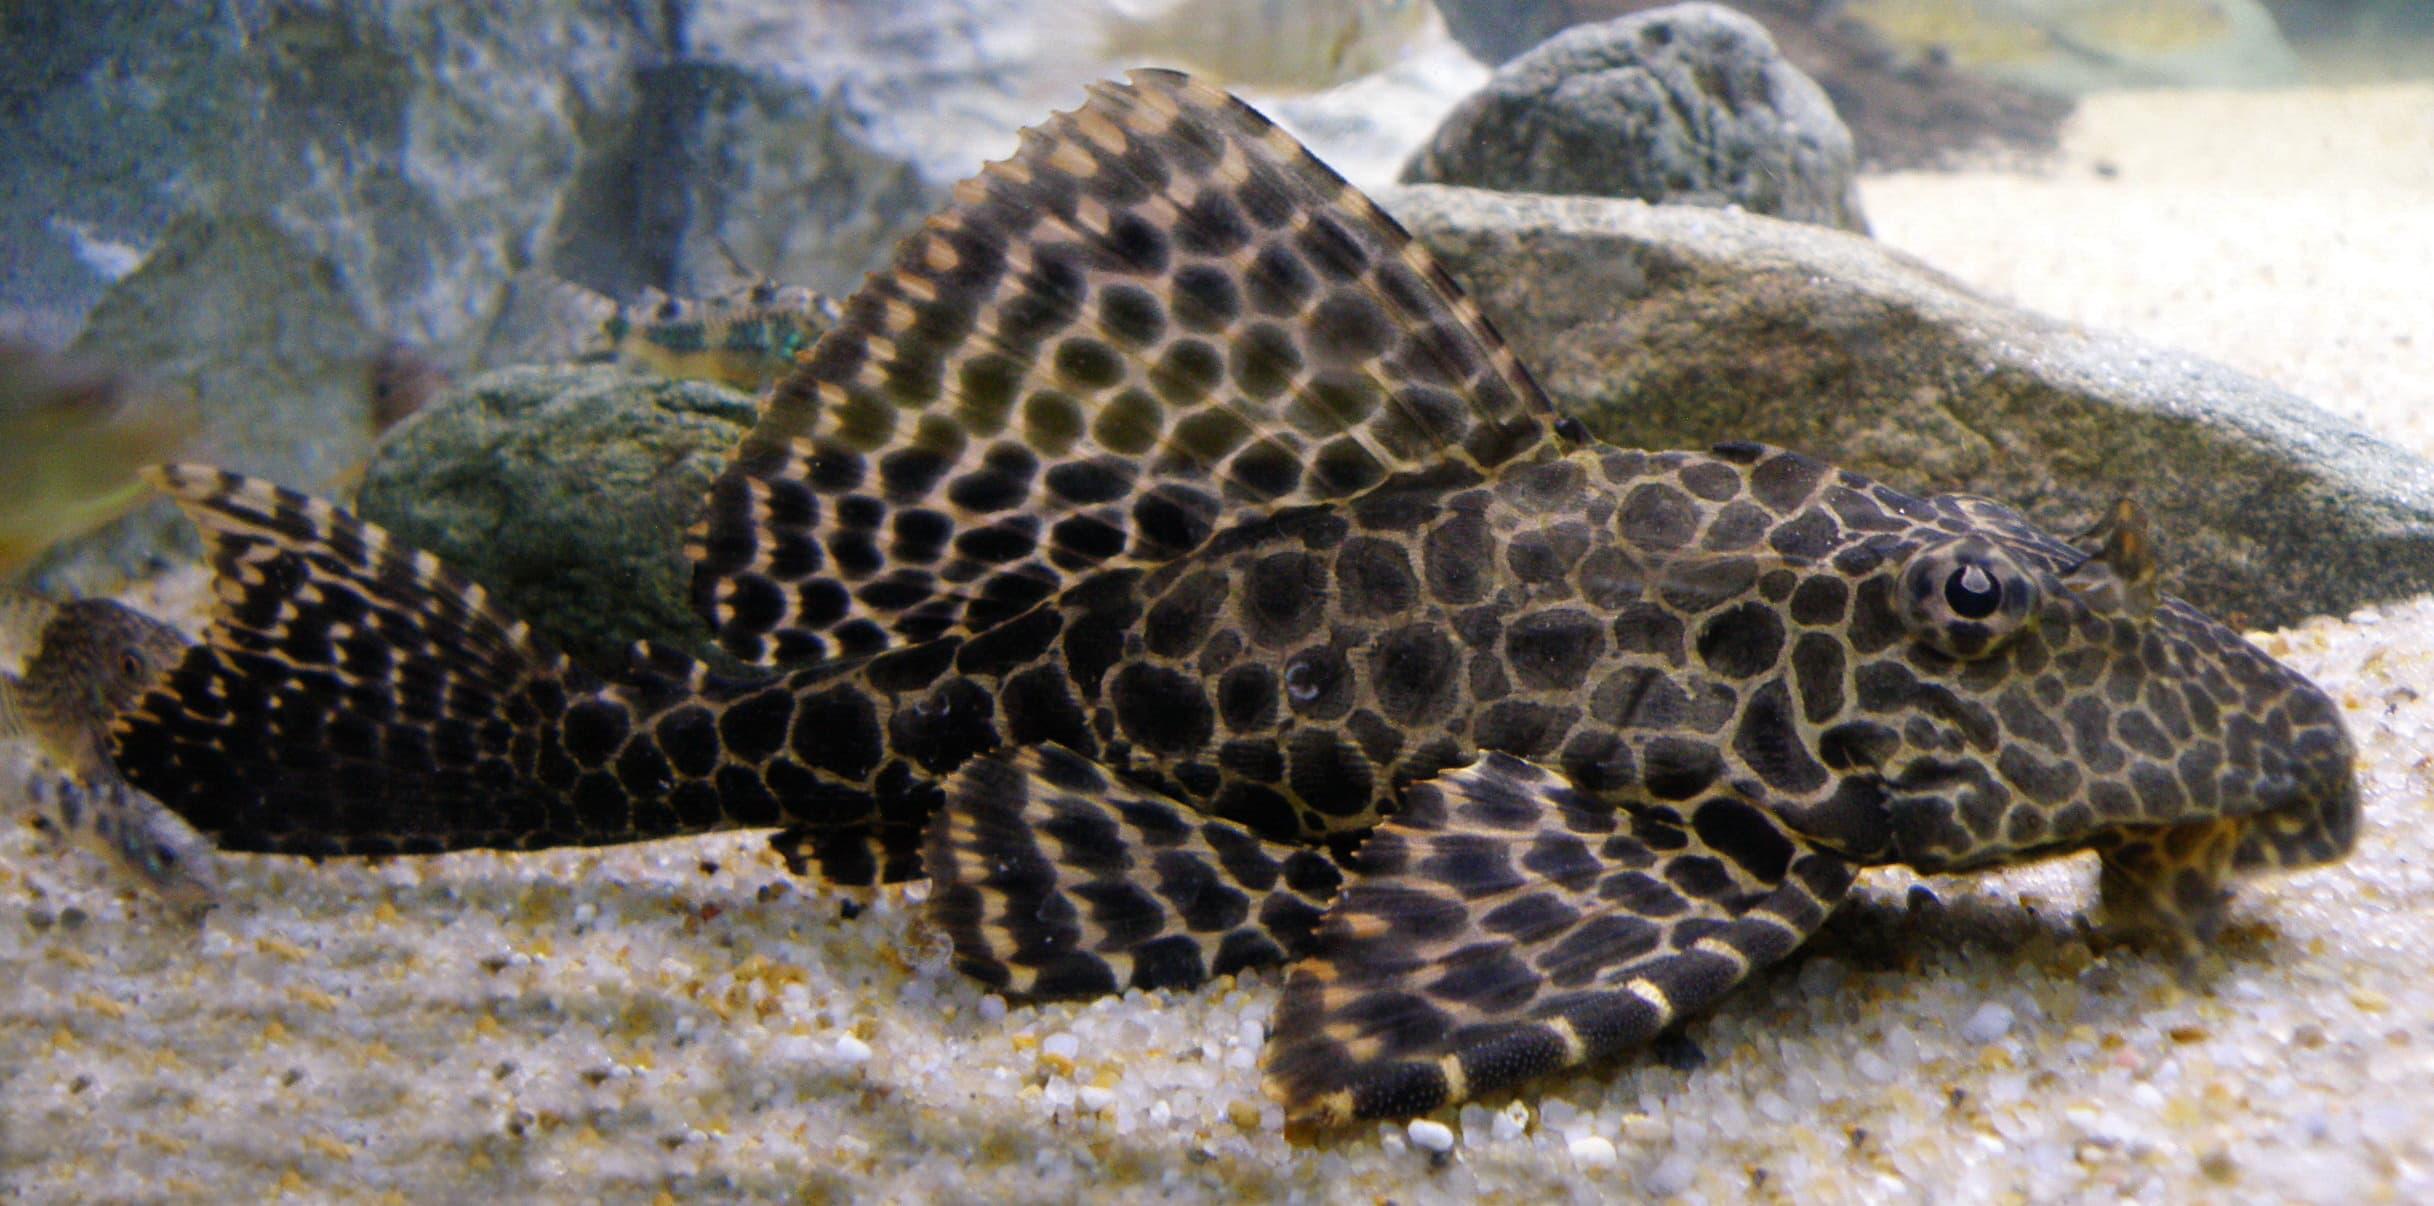 Hình ảnh chú cá tỳ bà, cá lau kiếng có màu sắc đẹp, quý hiếm